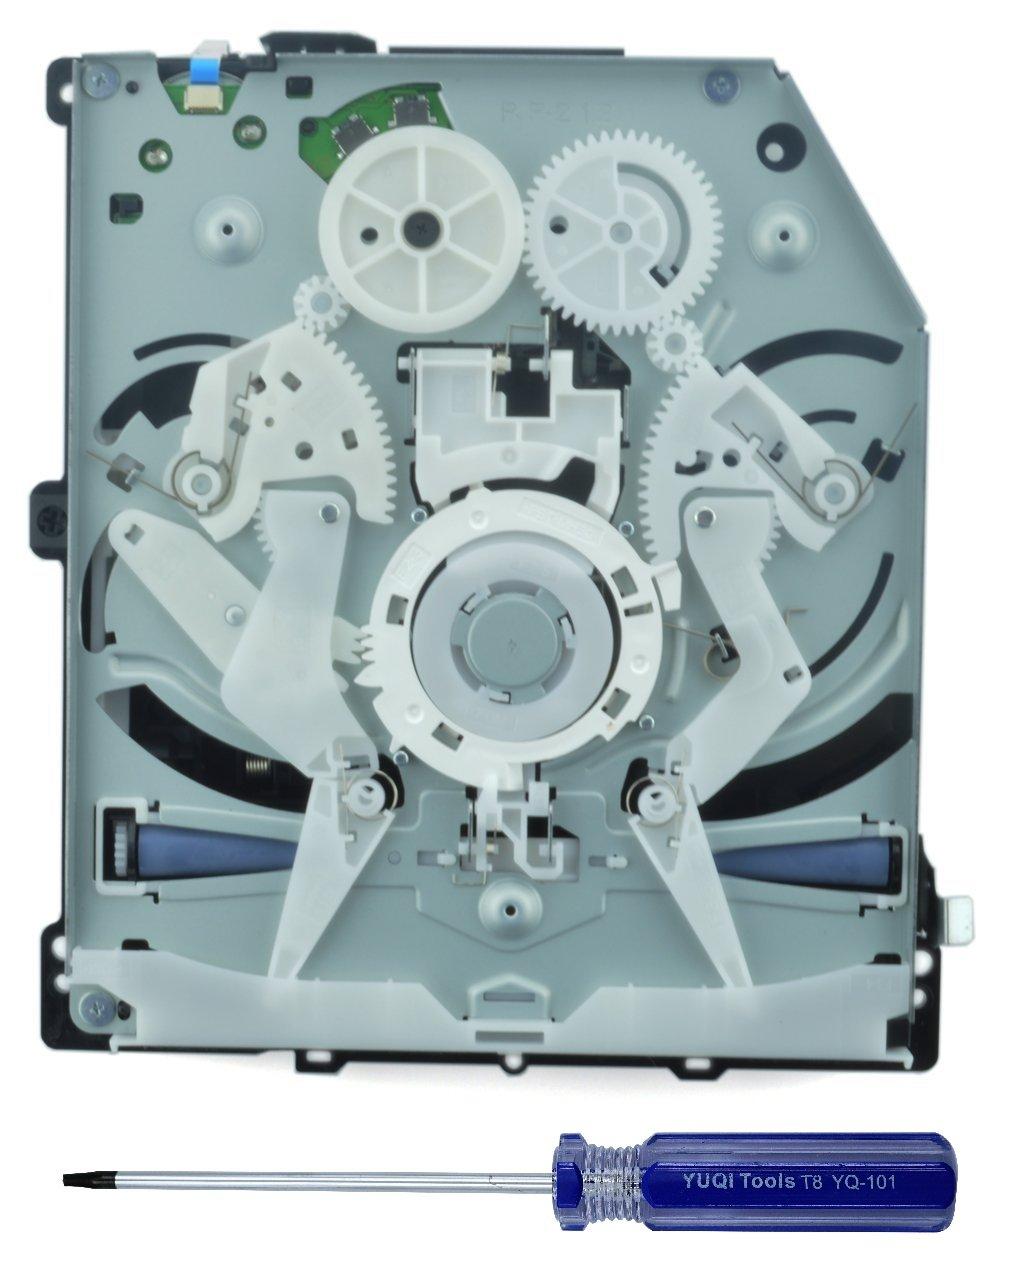 Original Sony PS4 Bluray DVD Drive with BDP-020 BDP-025 Circuit Board KES-490A KES-490AAA KEM-490A KEM-490AAA for CUH-1001A CUH-1115A CUH-10XXA ...